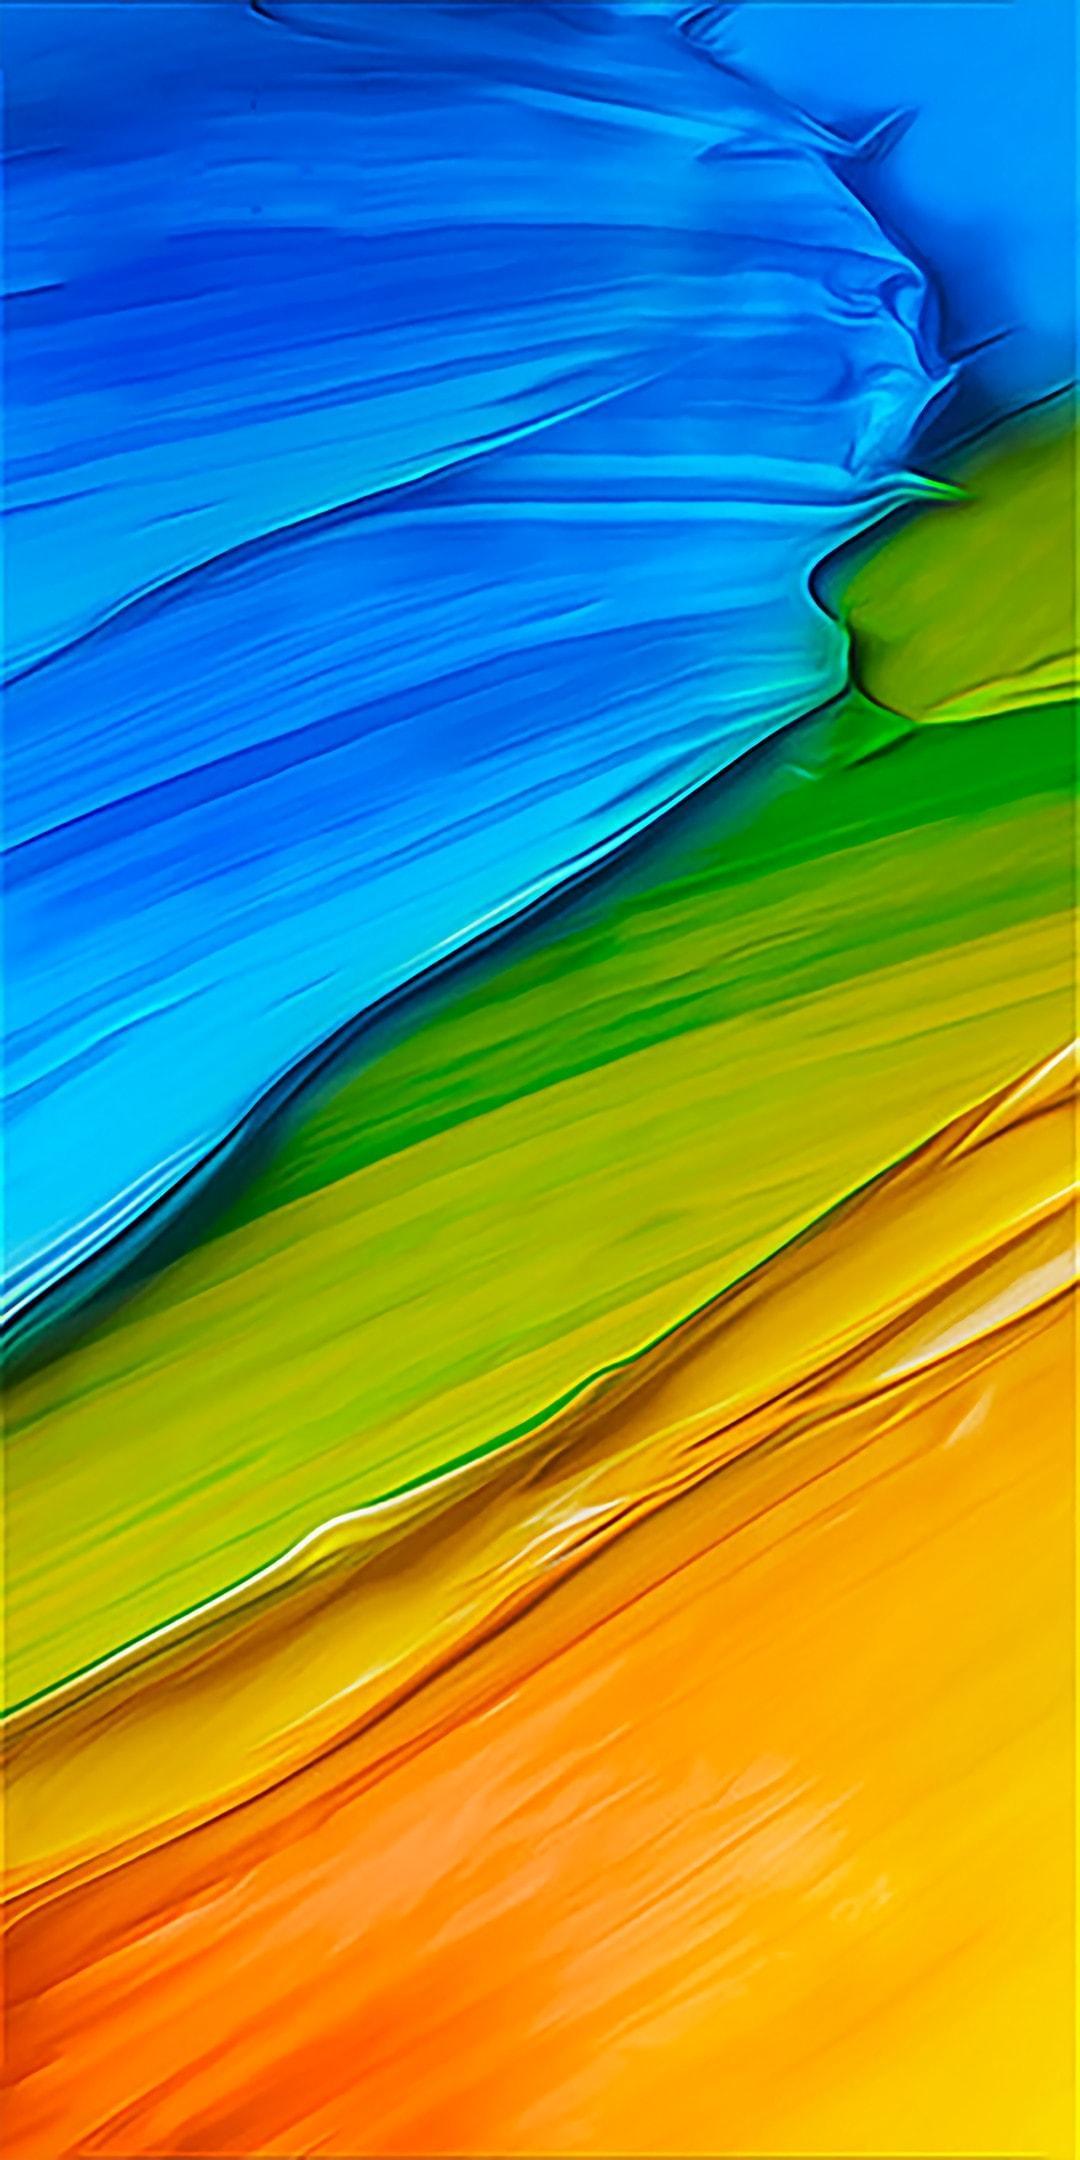 Xiaomi Wallpapers - Top Free Xiaomi Backgrounds ...